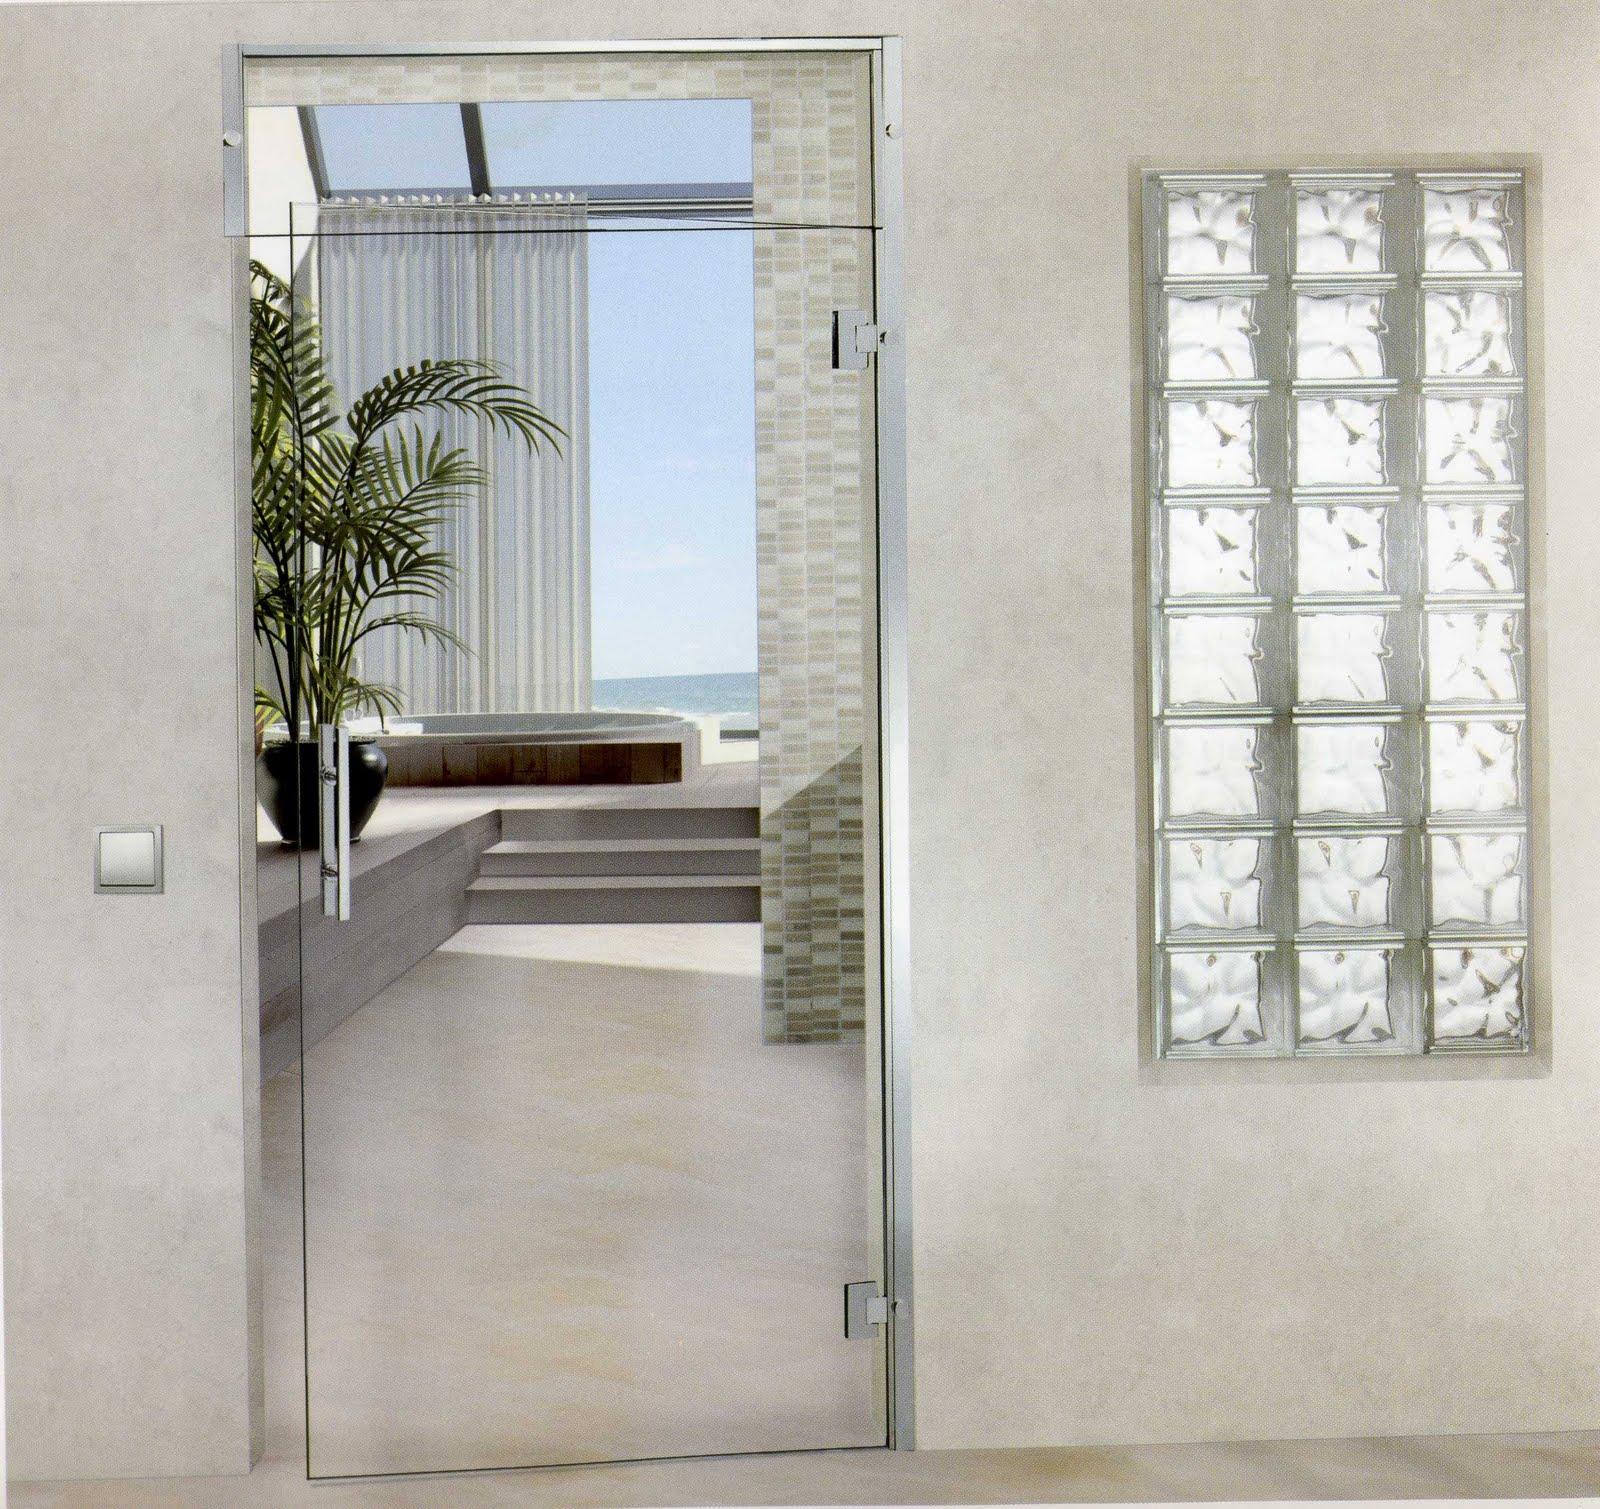 Cristales puertas interior - Cristales puertas interiores ...